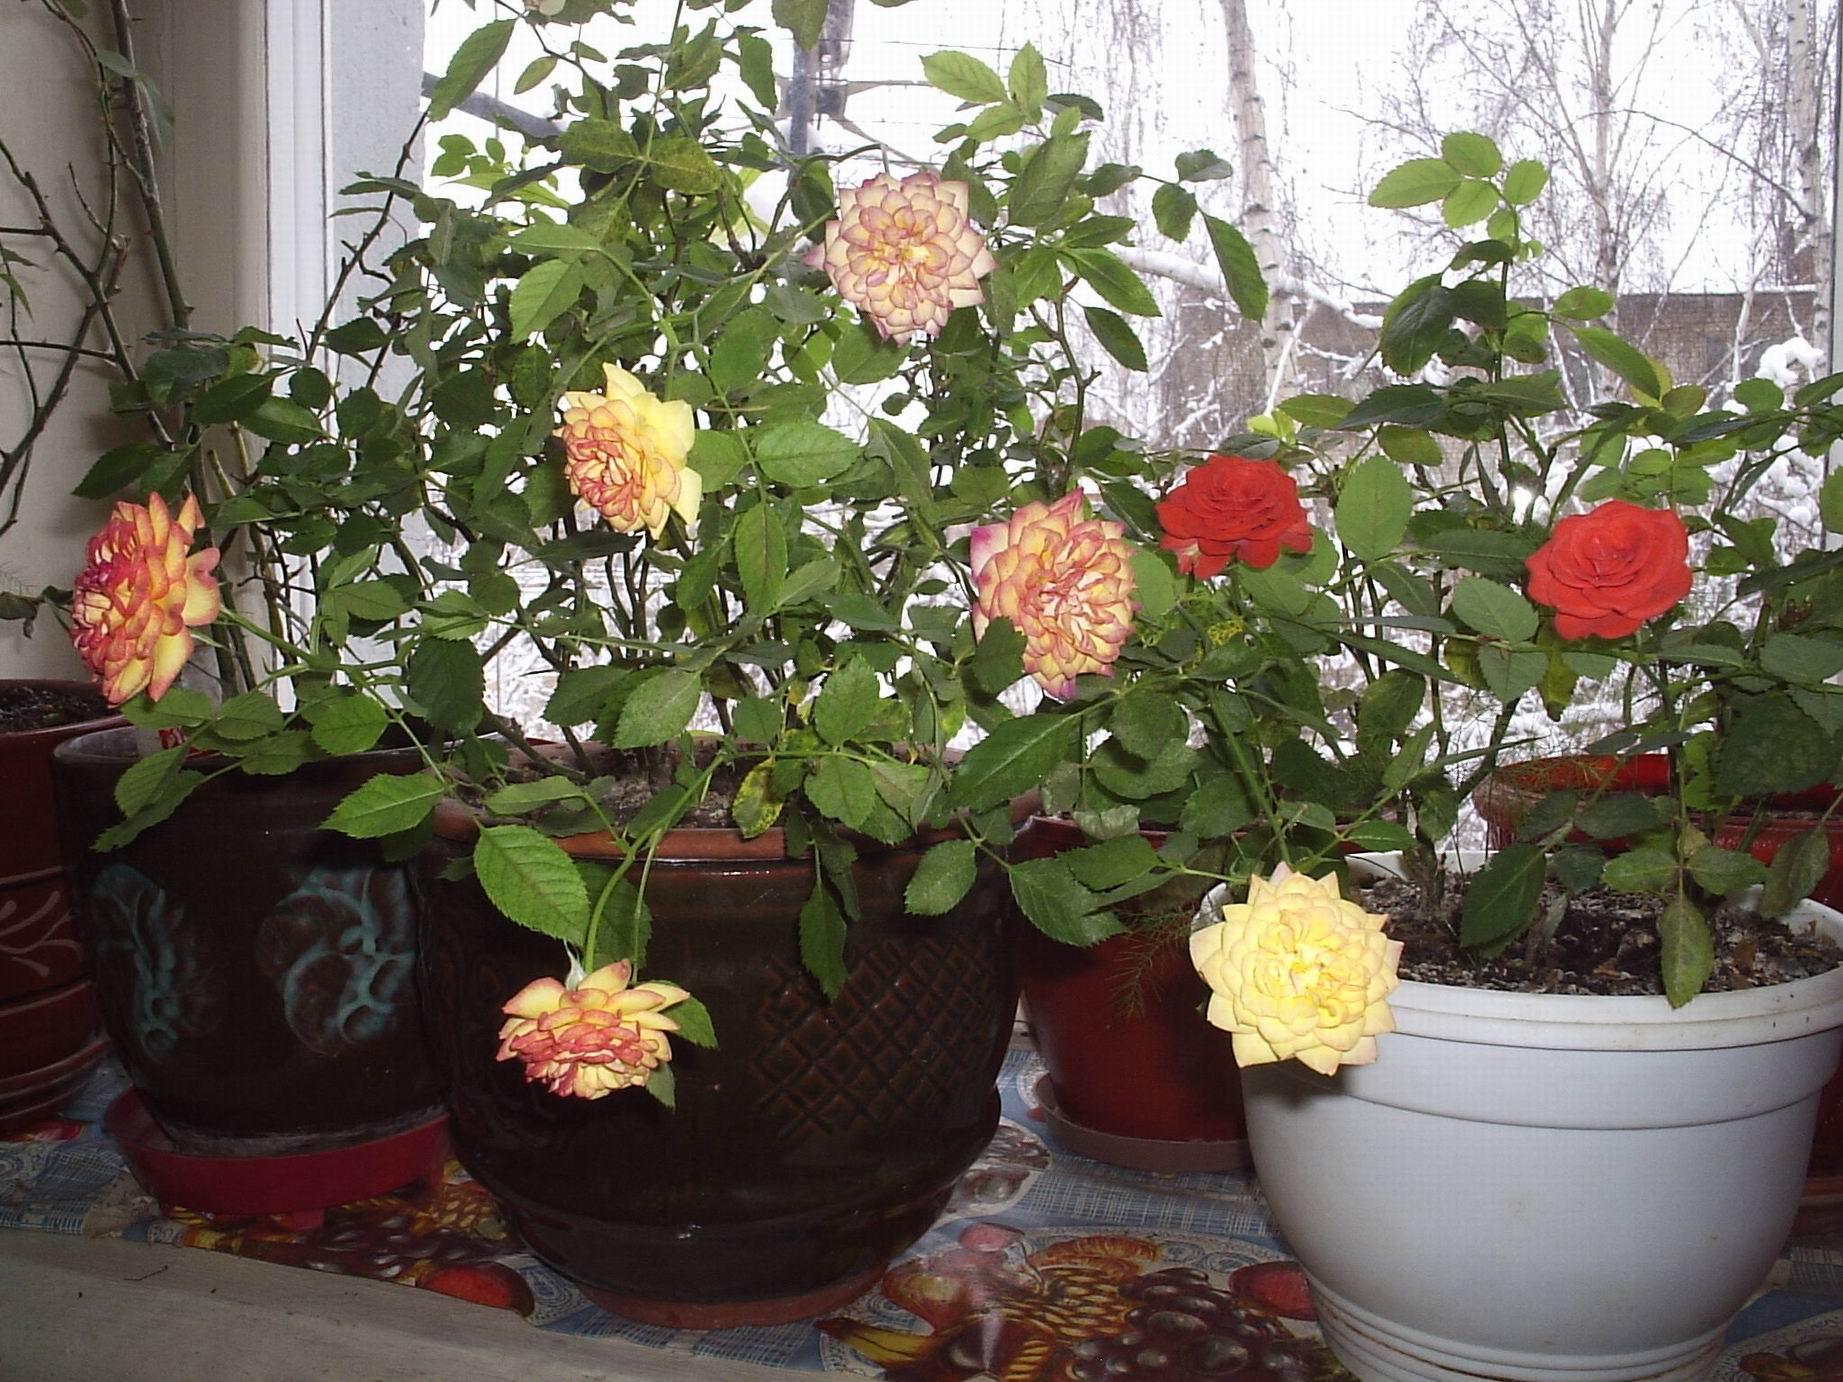 Если домашняя роза сохнет, это является первым признаком недостатка влаги, поэтому старайтесь обеспечивать своевременный полив